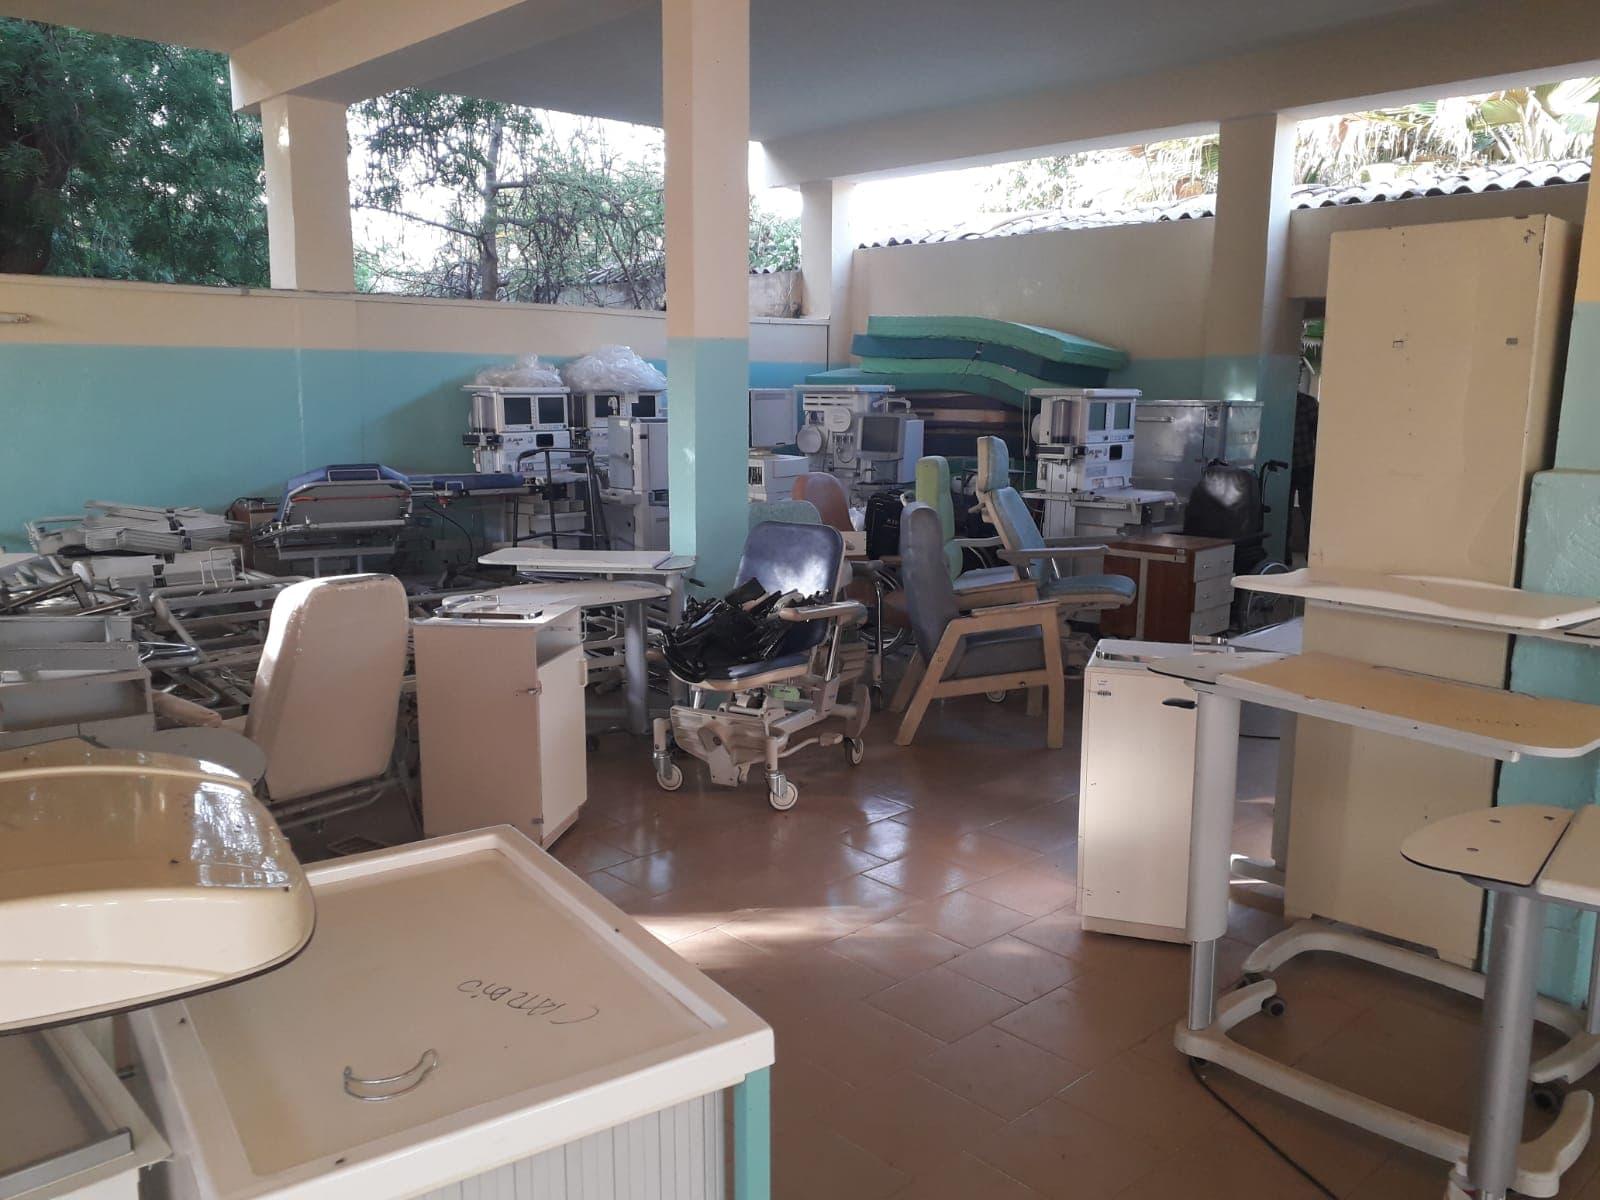 Groupe MDI Technologies mécène au Fouta, Don de Materiel Santé et Scolaire à Matam, Ogo, Thiancone, Fouta, Sénégal (13)